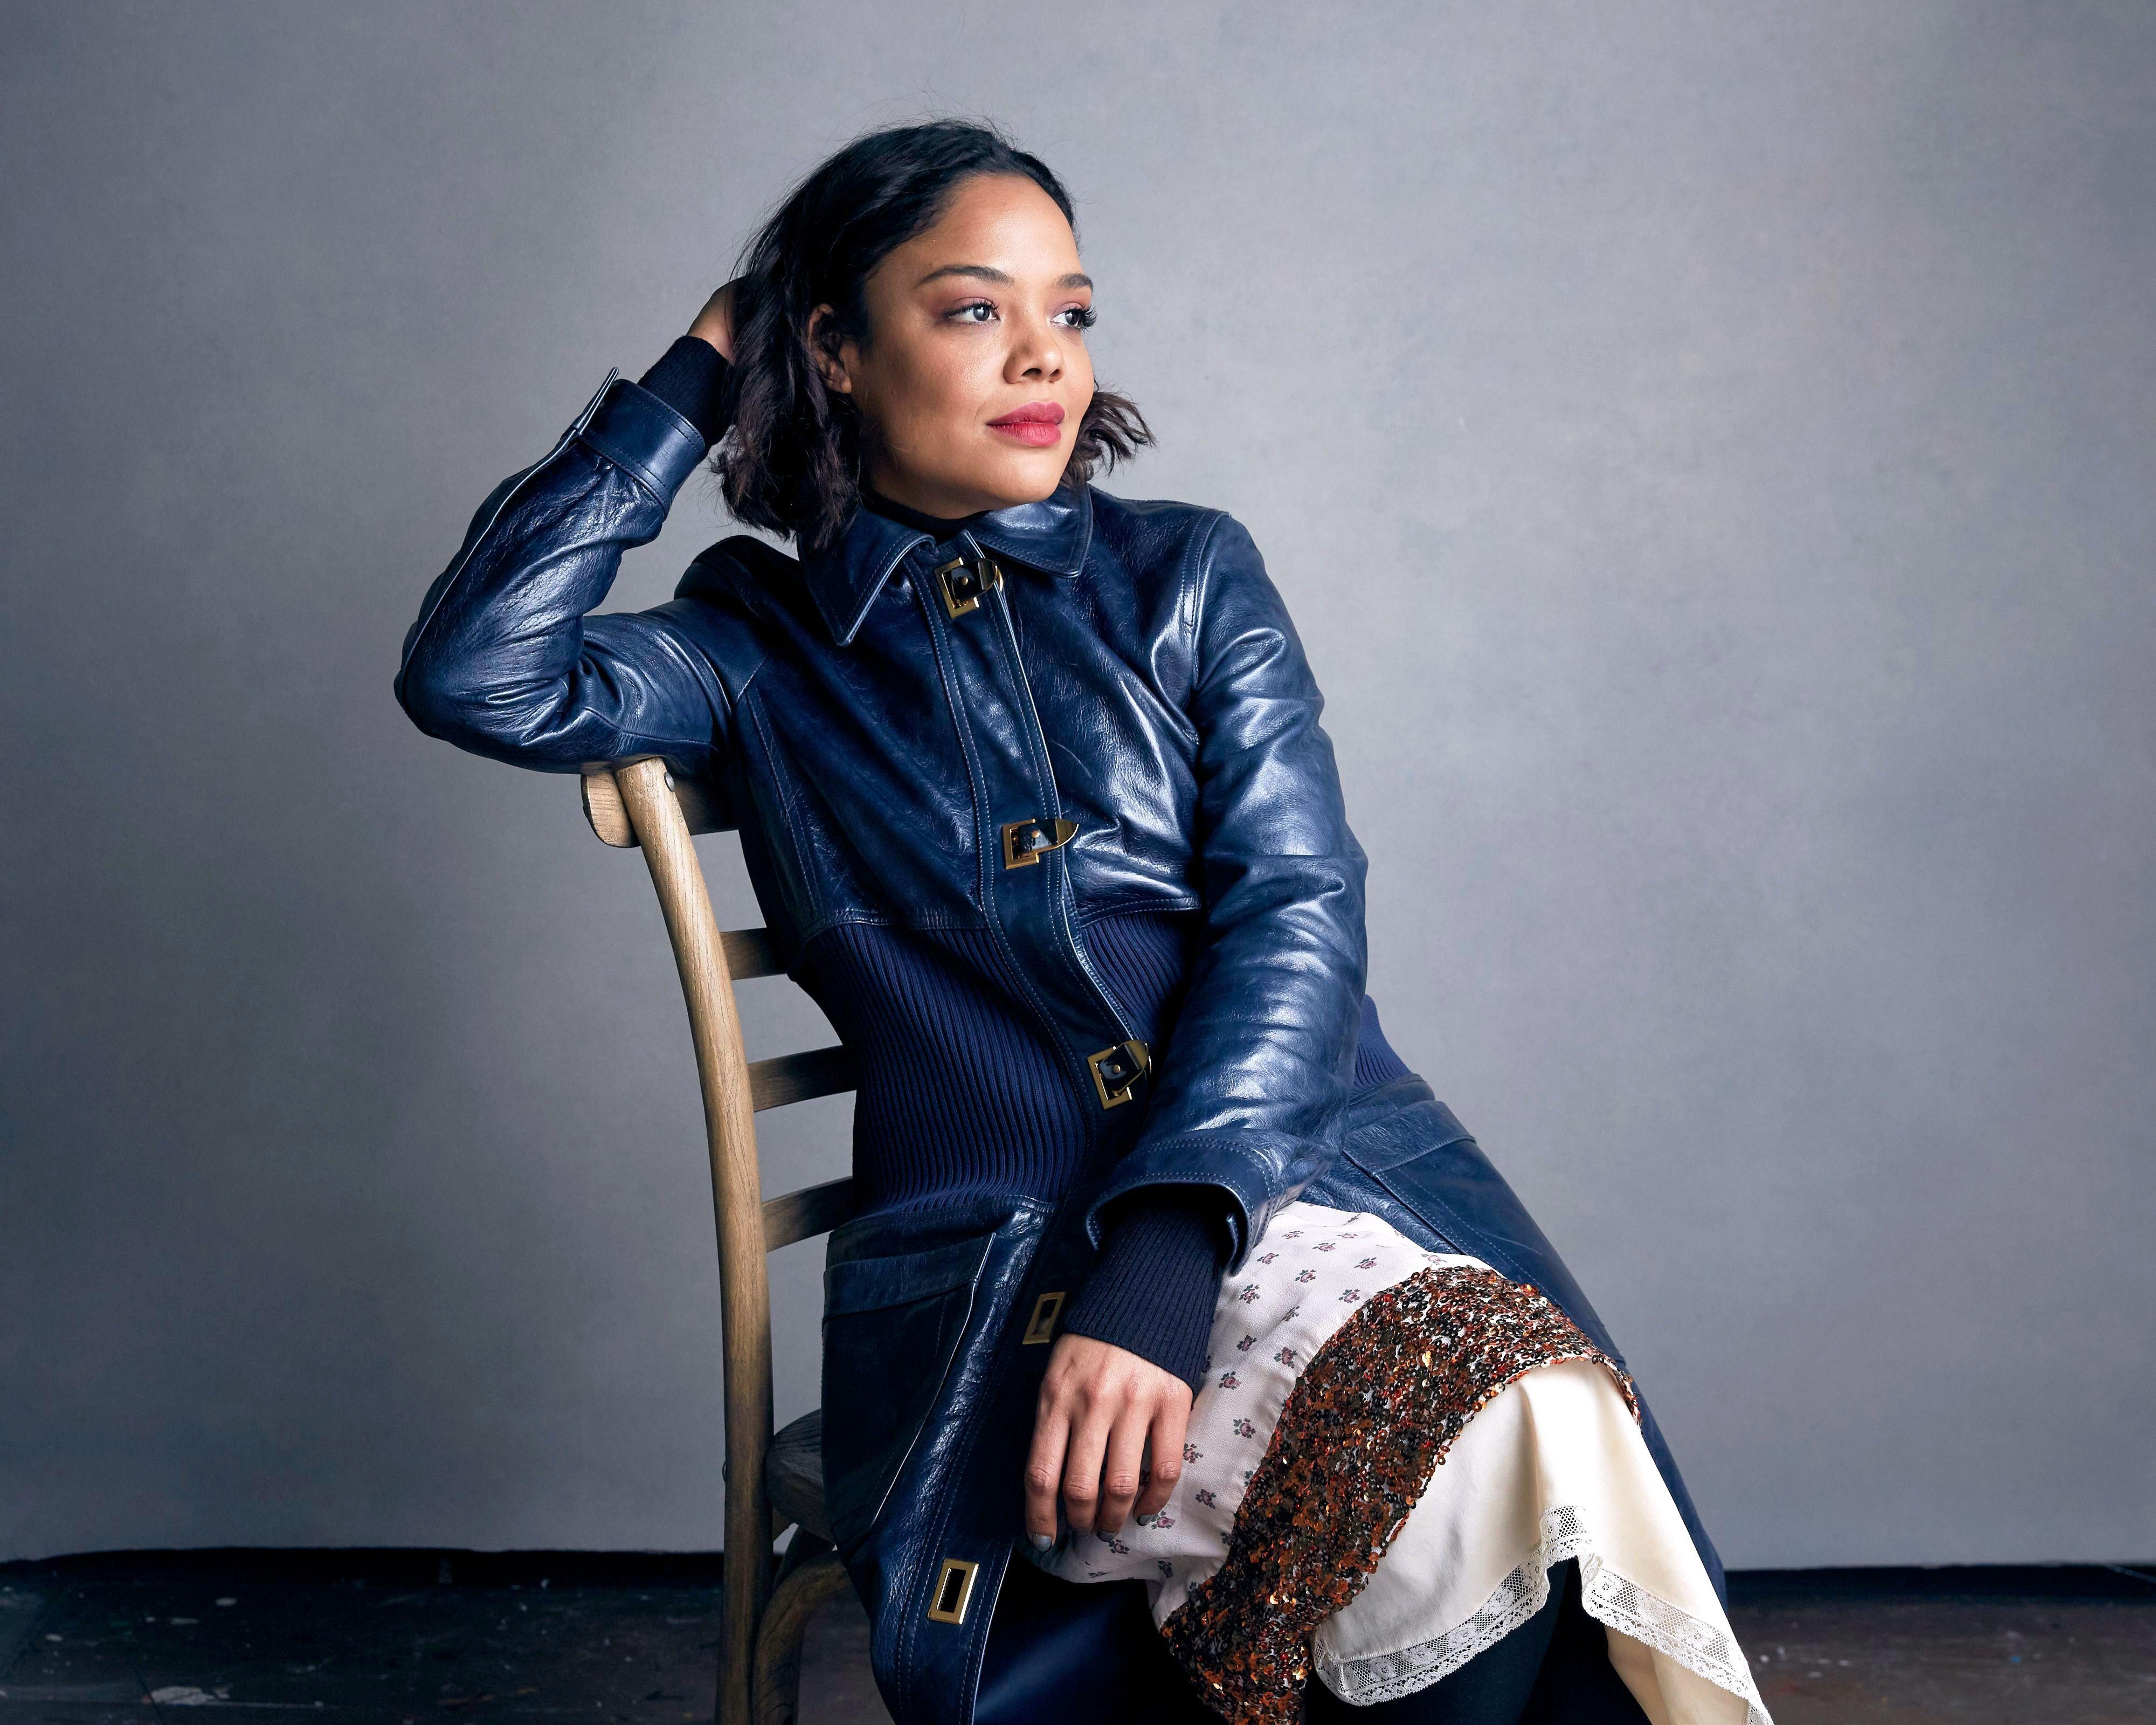 b53fd92f977 Tessa Thompson Talks Creed II, Representation in Film, and Michael B ...